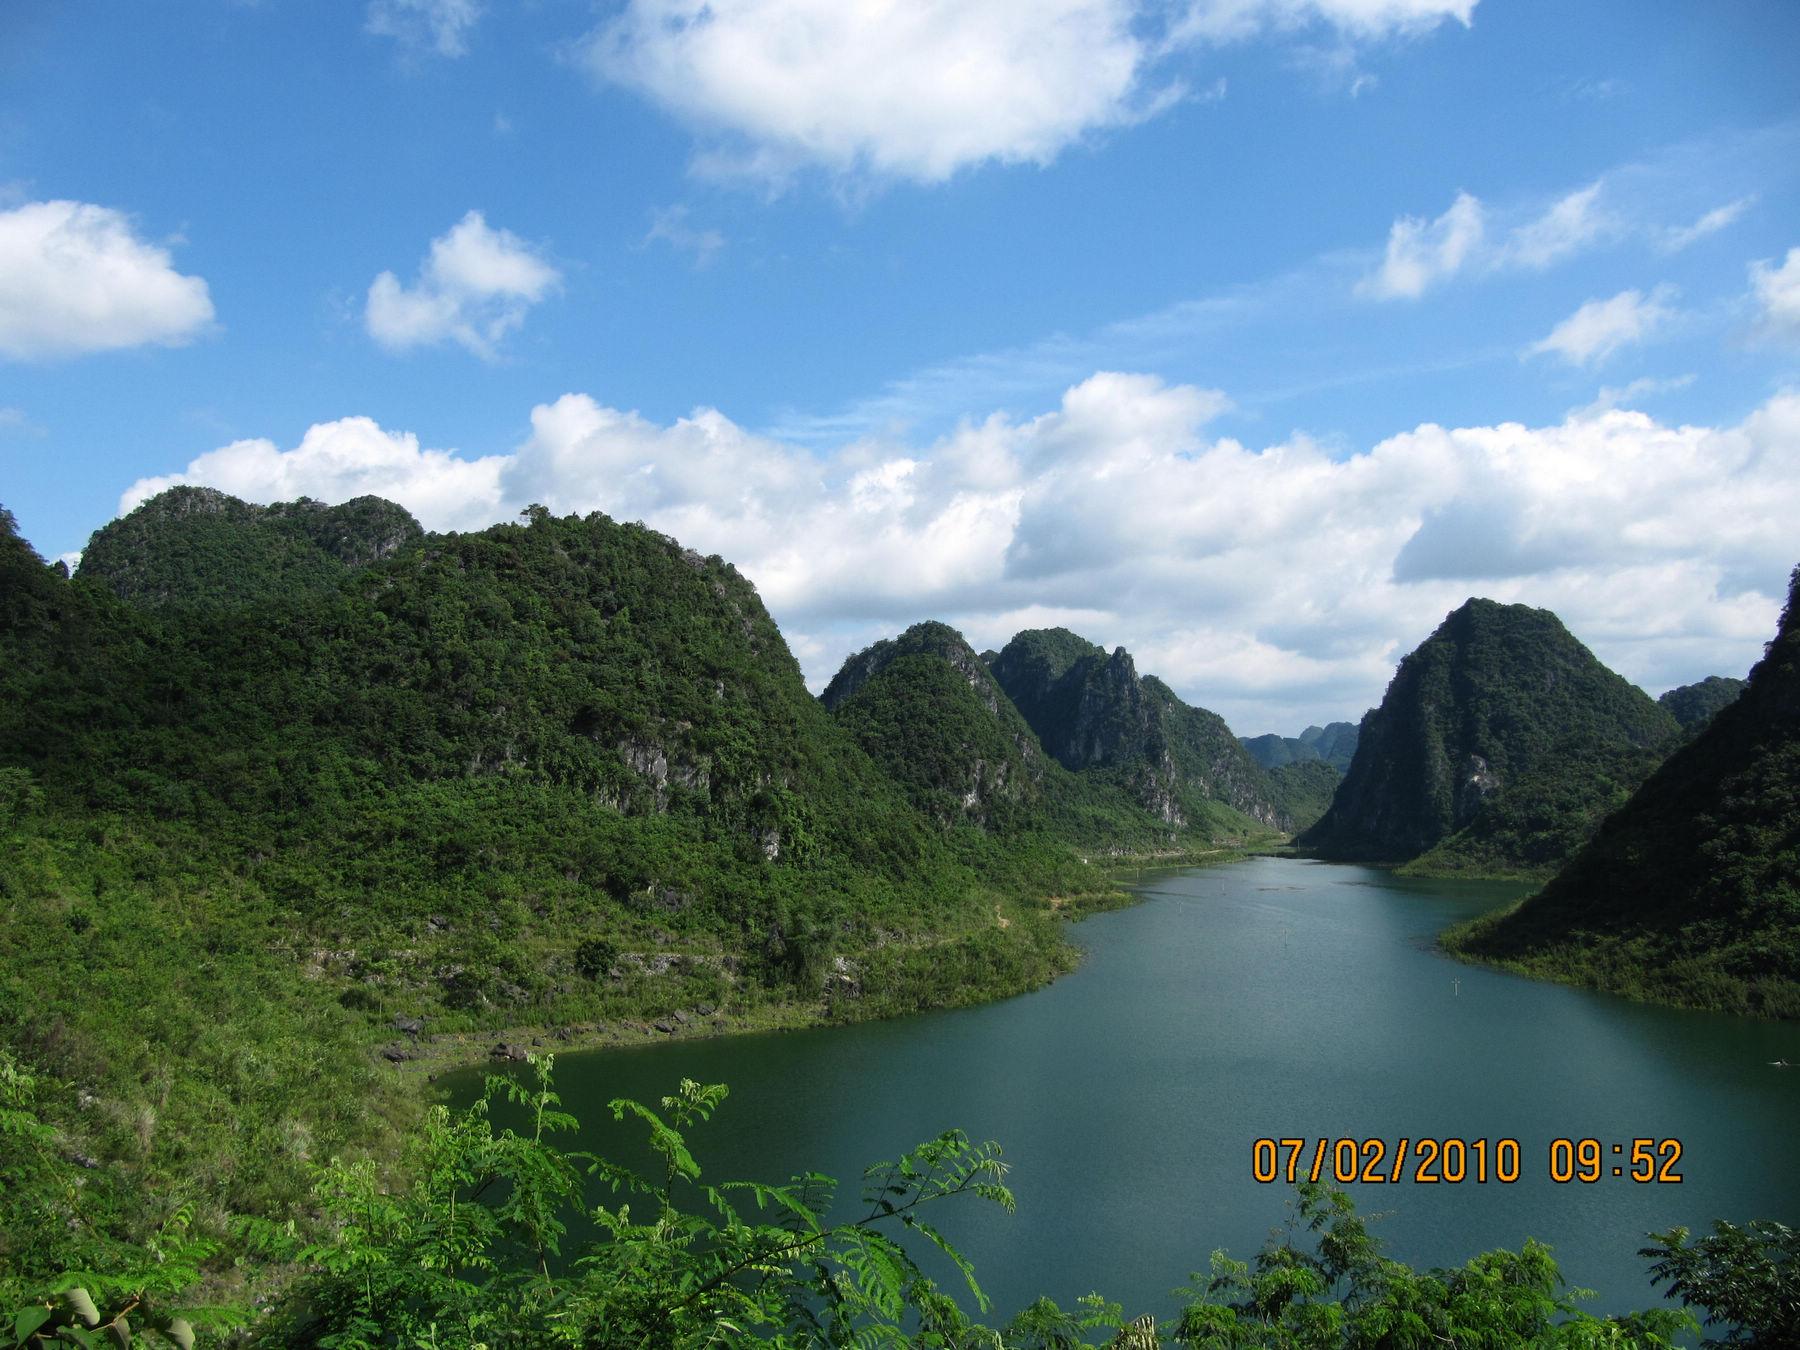 拍摄地点:  广西南宁隆安布泉多助区